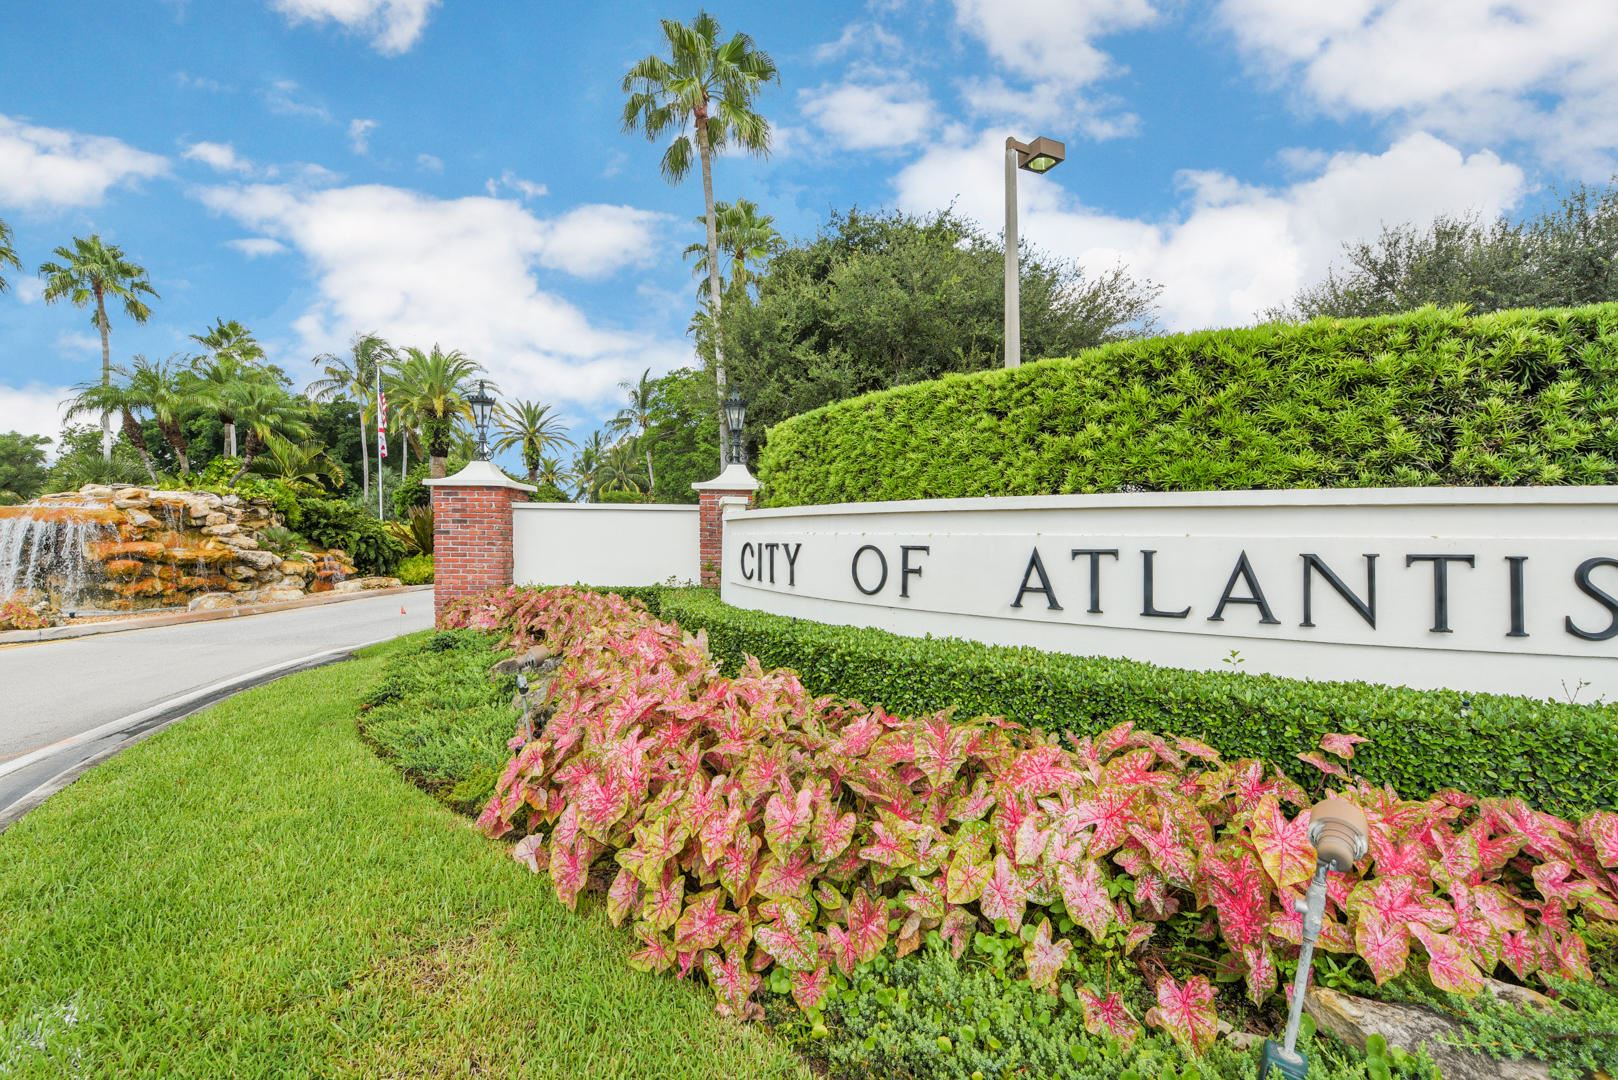 400 Pine Villa, Atlantis, 33462 Photo 1